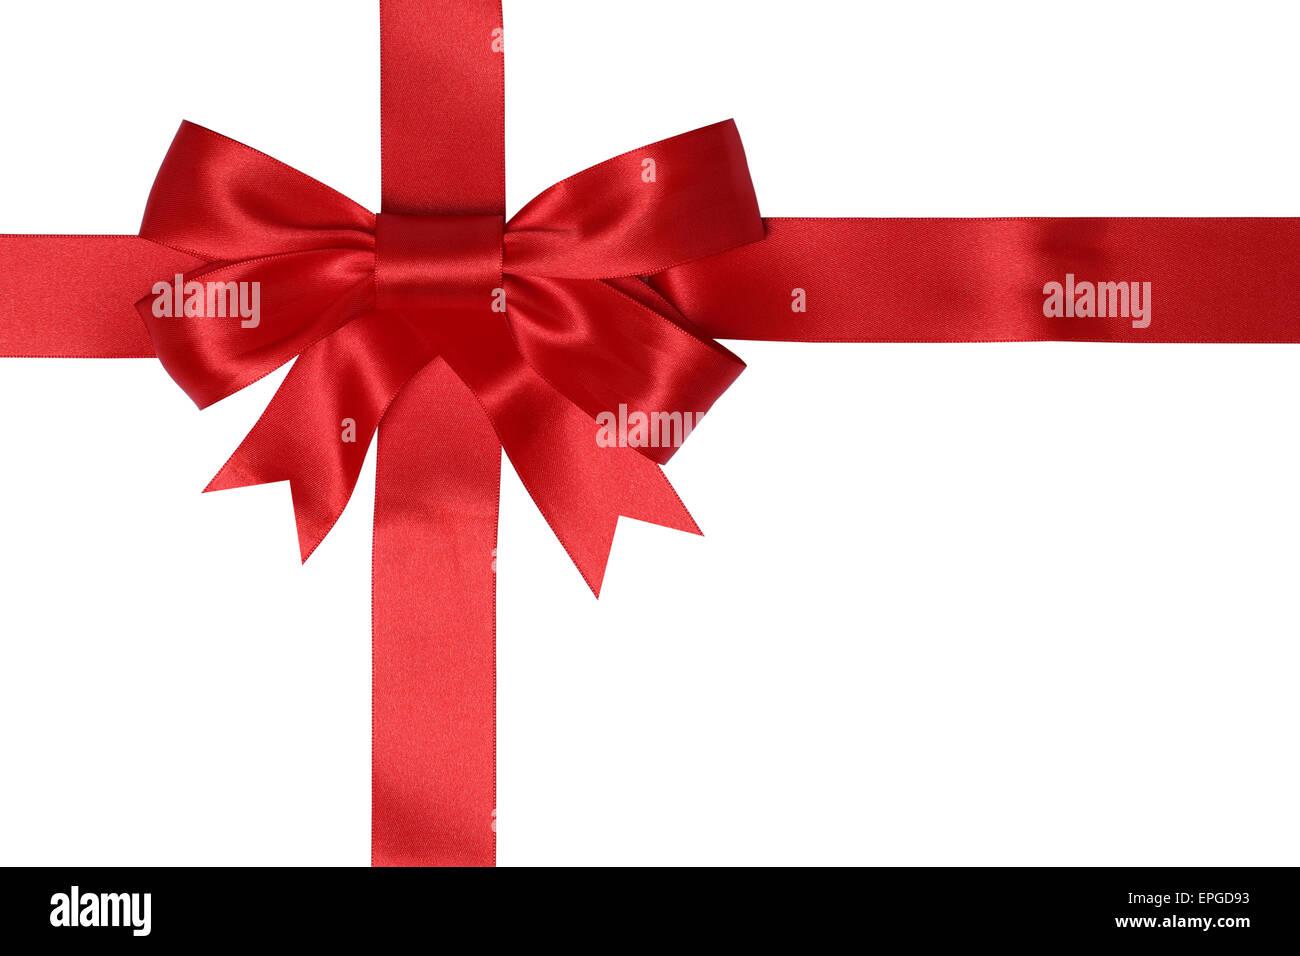 Geschenk Karte mit Schleife f├╝r Geschenke an Weihnachten oder ...